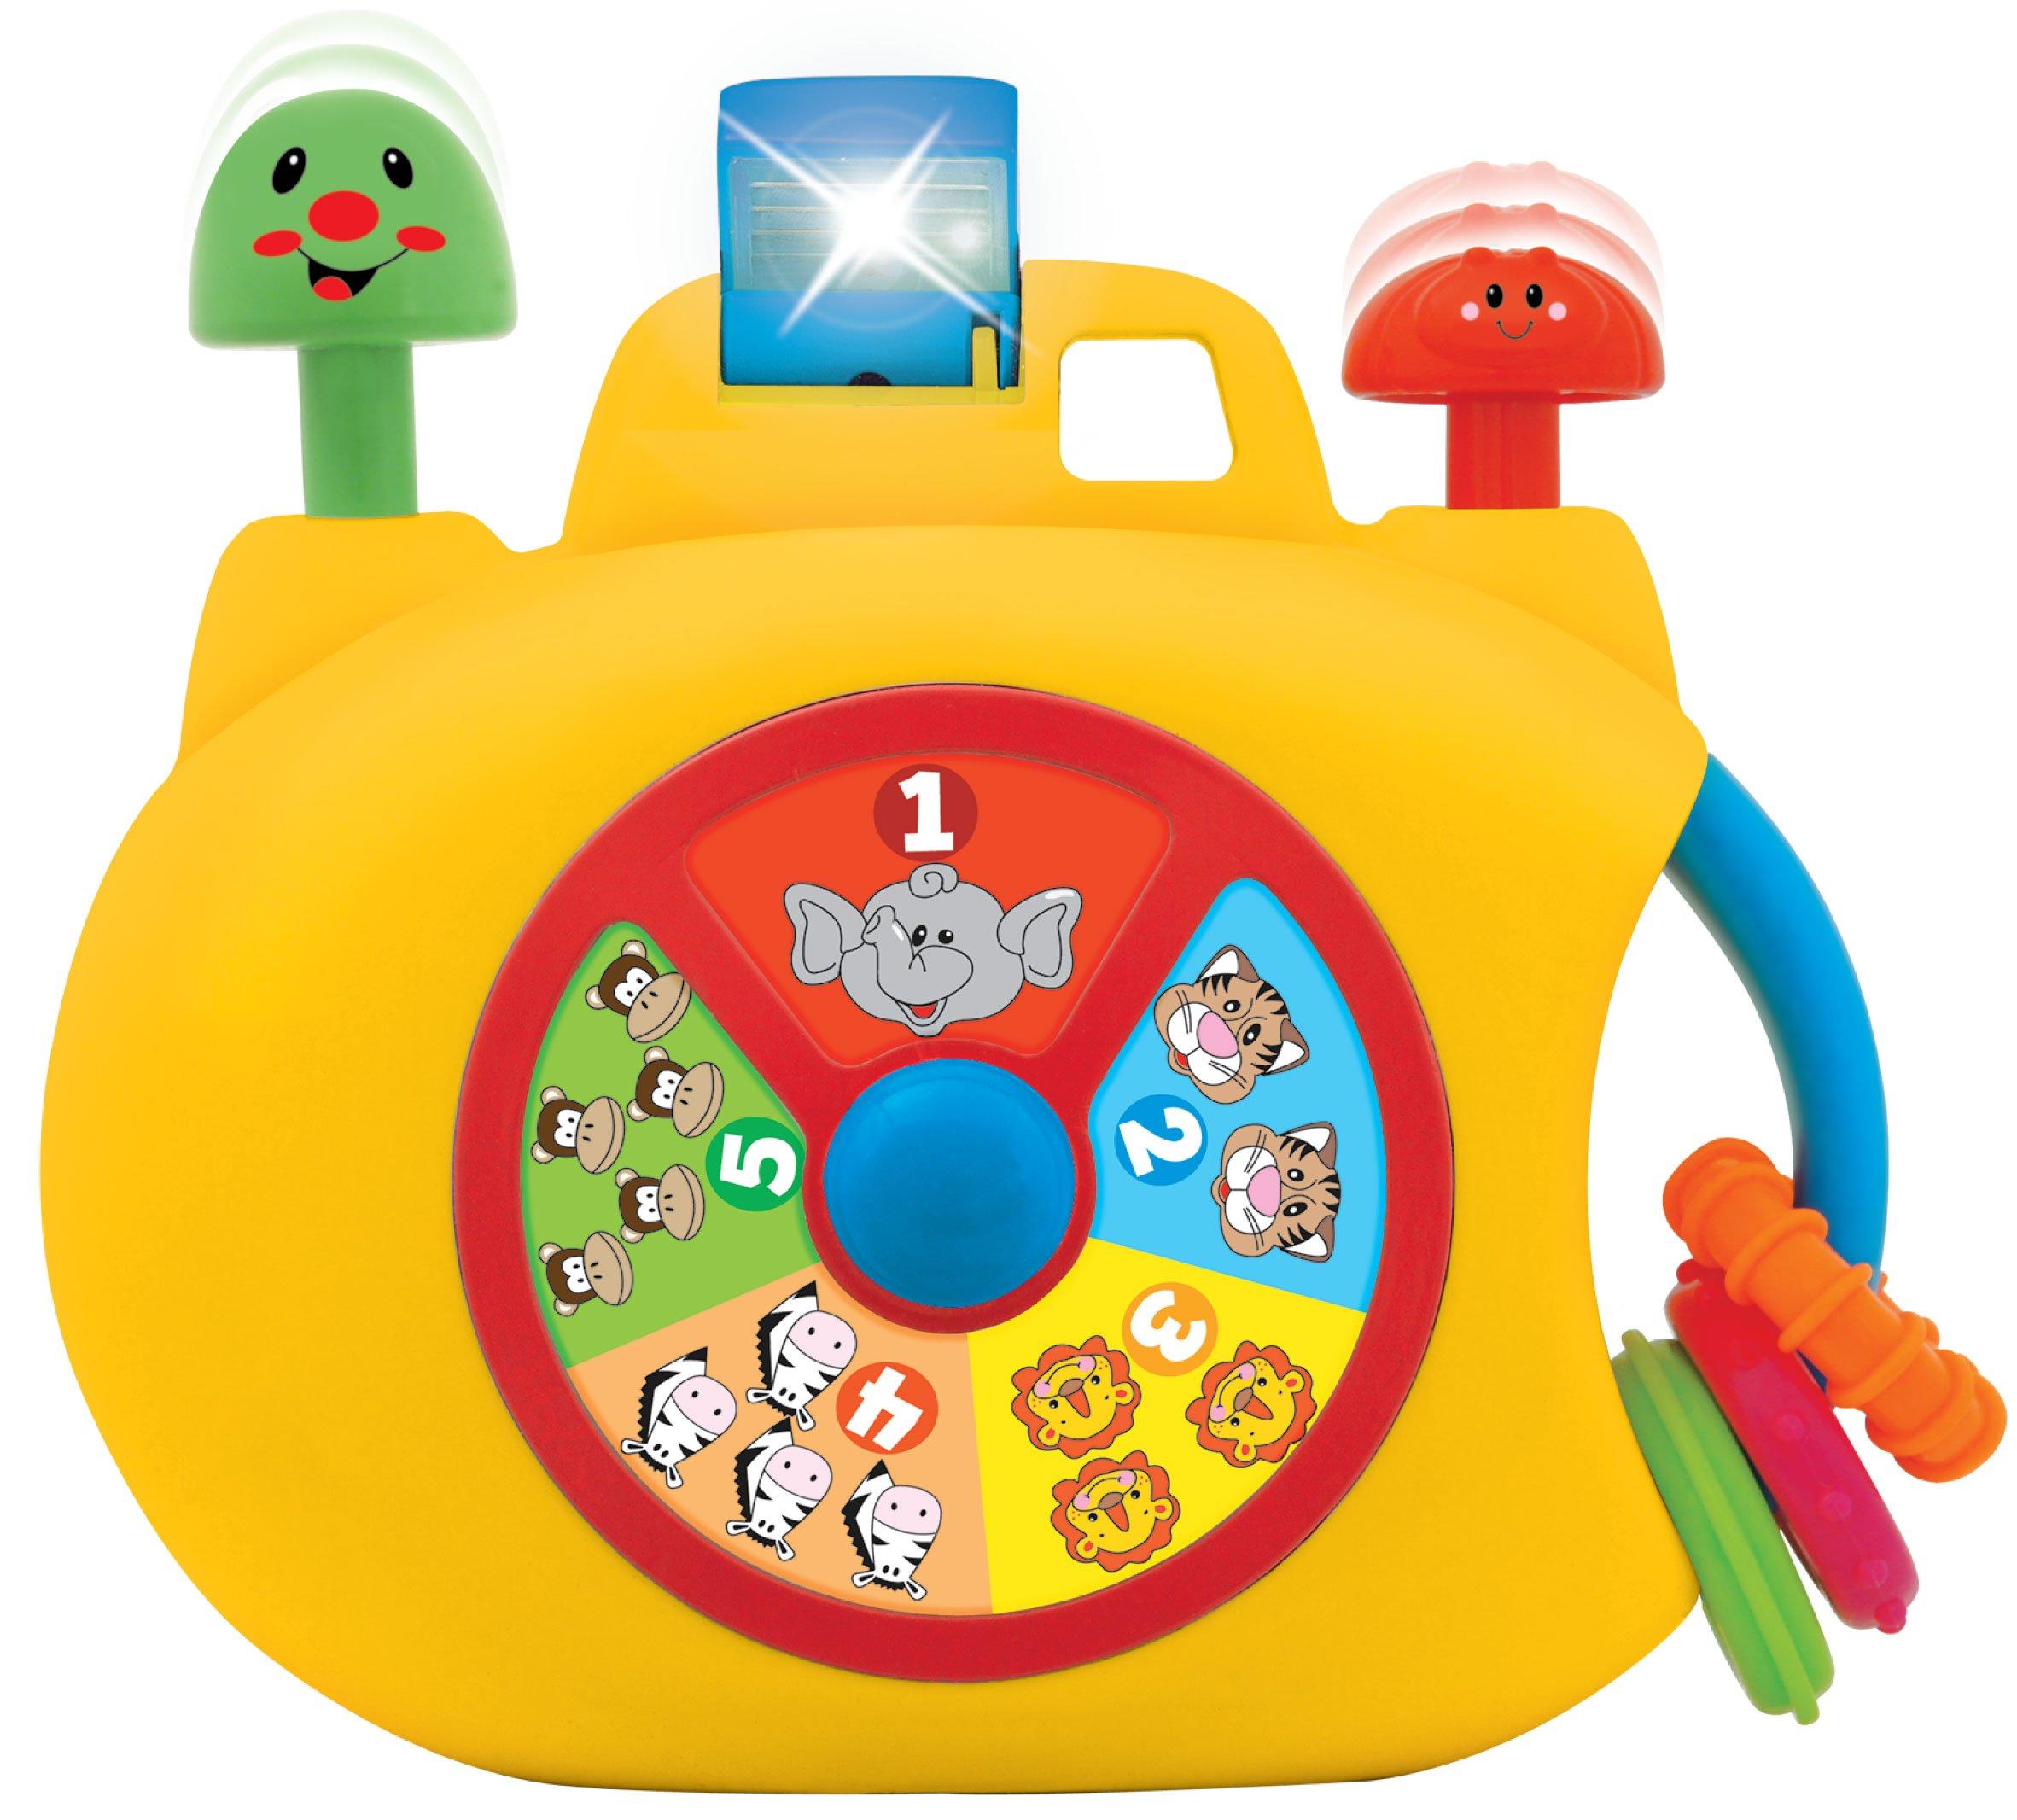 Развивающая игрушка - Забавная камераРазвивающие игрушки KIDDIELAND<br>Развивающая игрушка - Забавная камера<br>